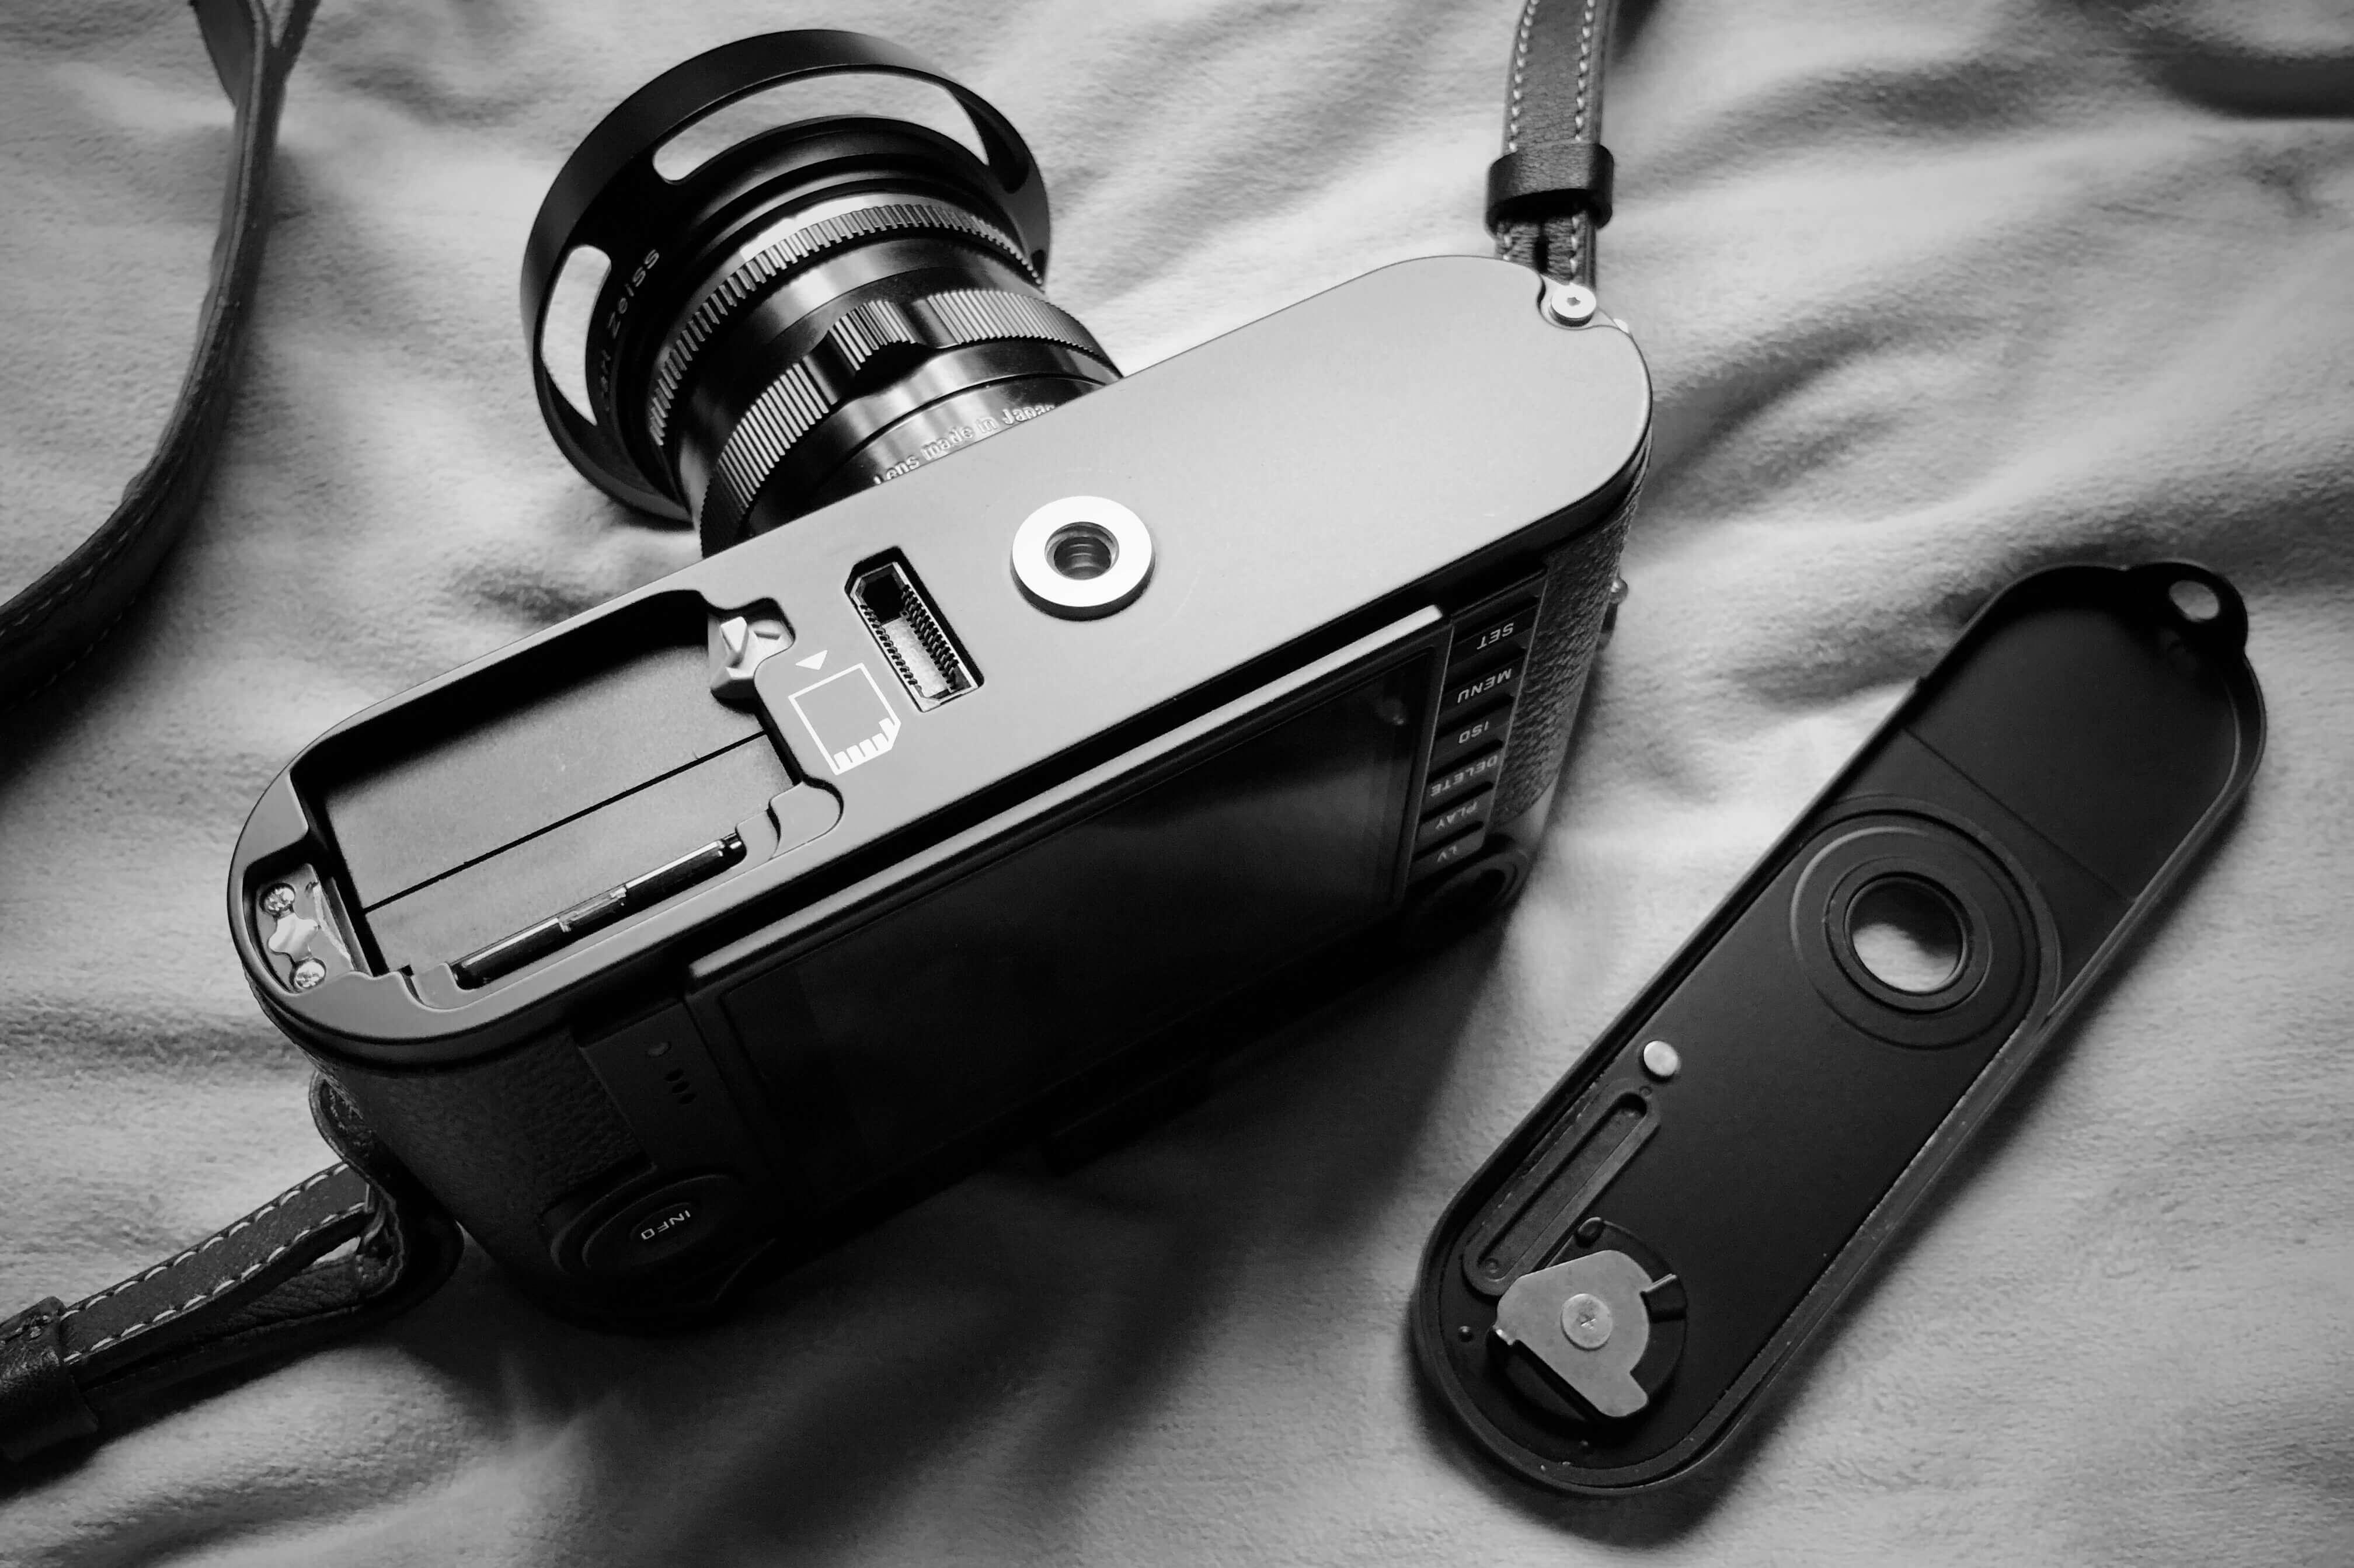 電池の持ちが素晴らしいのも、スナップシューターとしての証。Leica M-P typ240